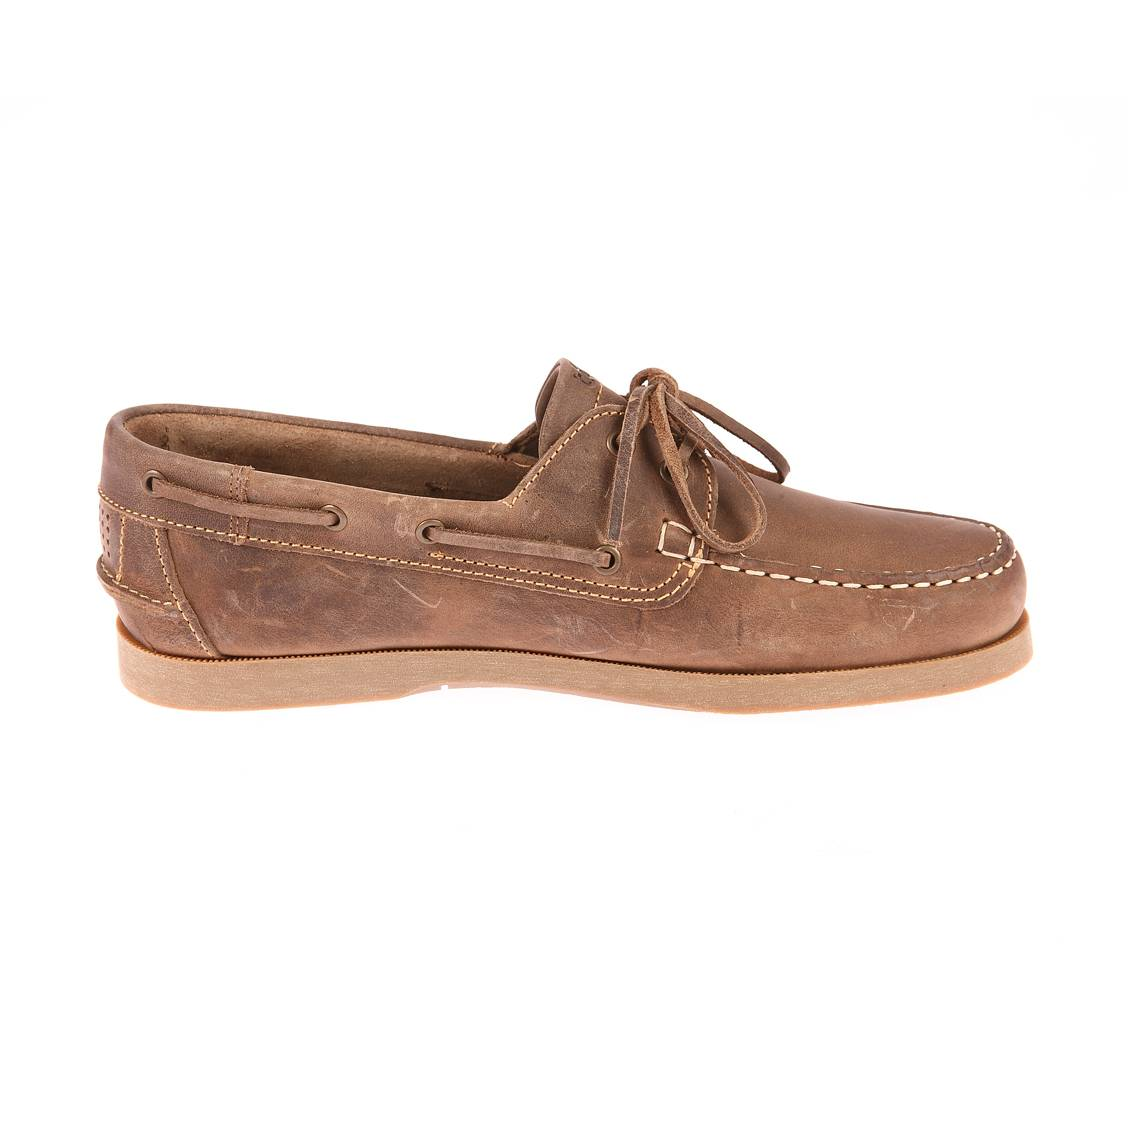 chaussures bateau homme tbs phenis marron vieilli rue des hommes. Black Bedroom Furniture Sets. Home Design Ideas